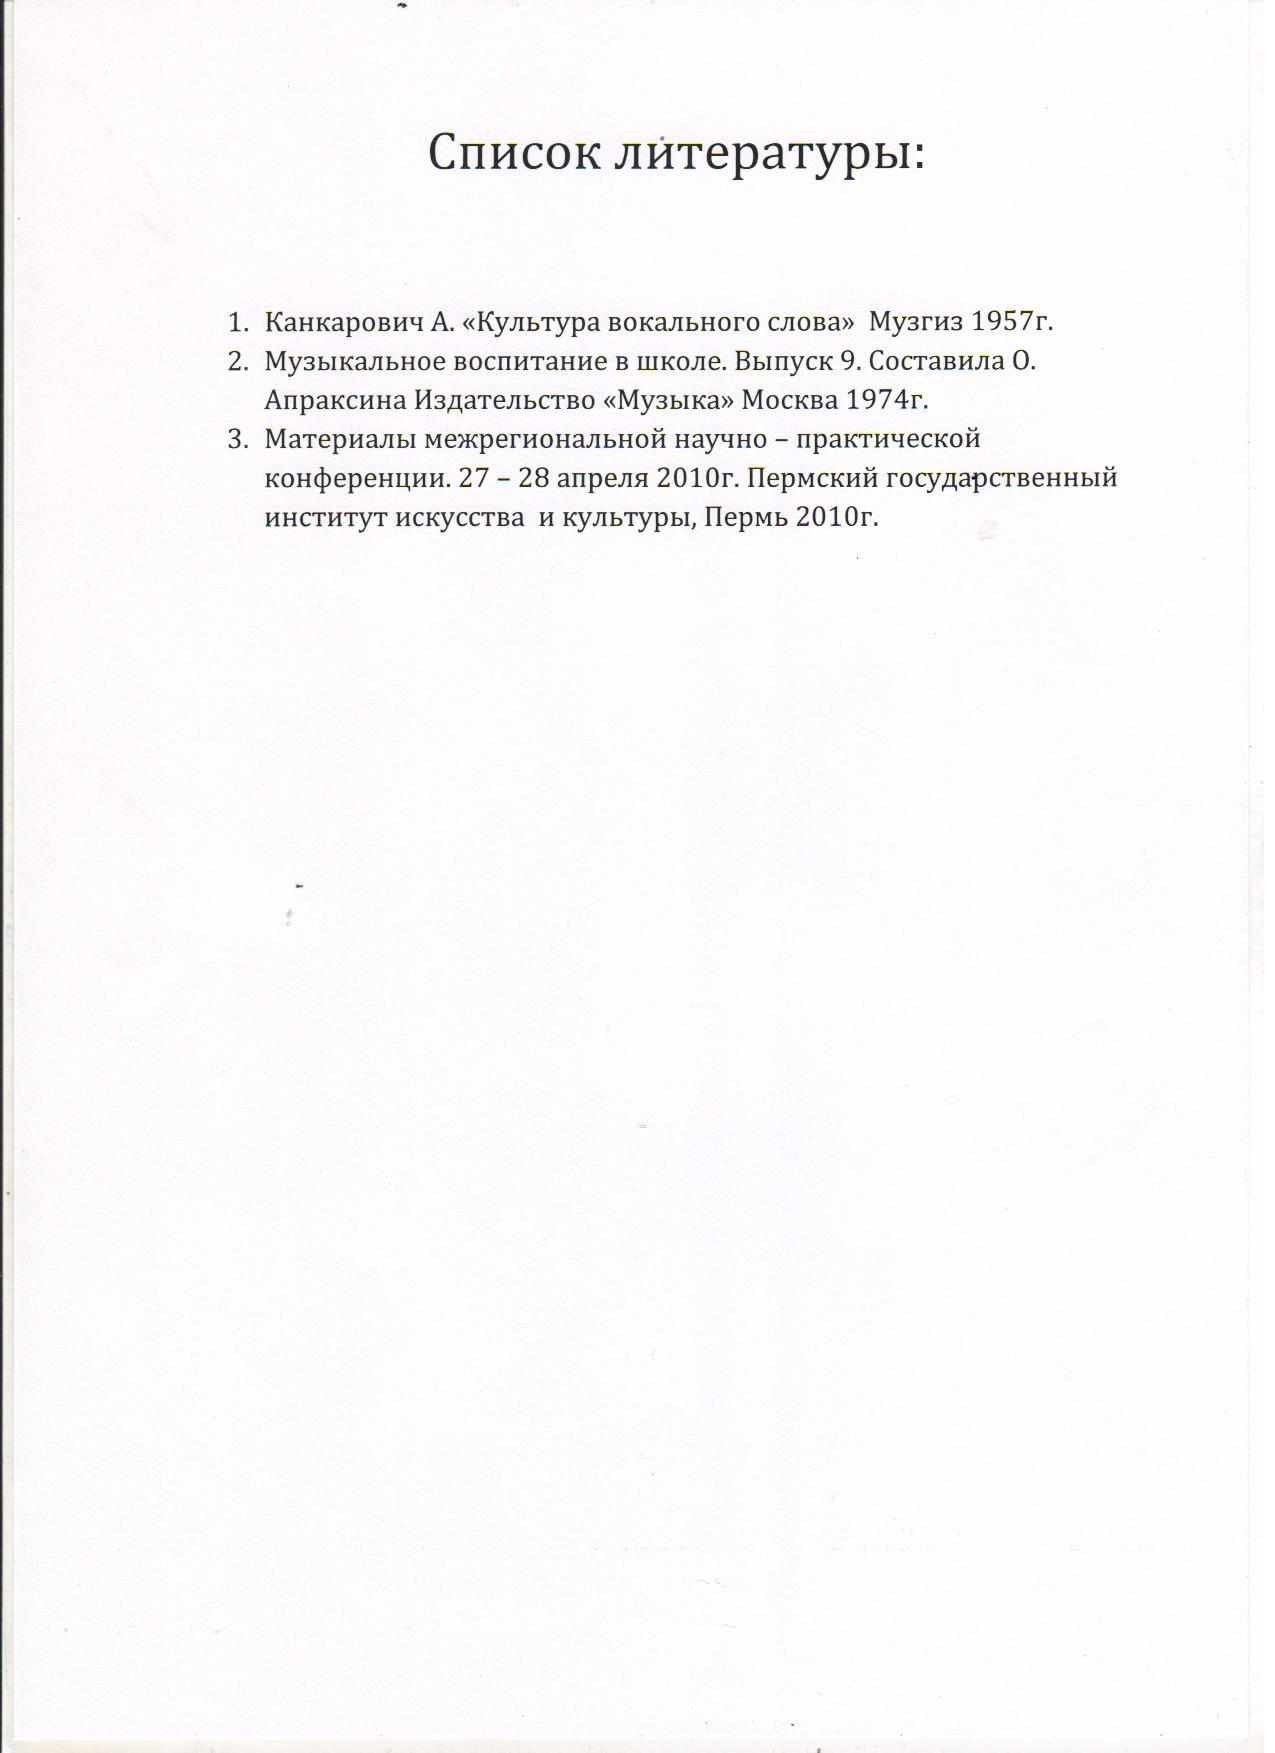 C:\Documents and Settings\Учитель\Рабочий стол\роль преподавателя 9.jpg